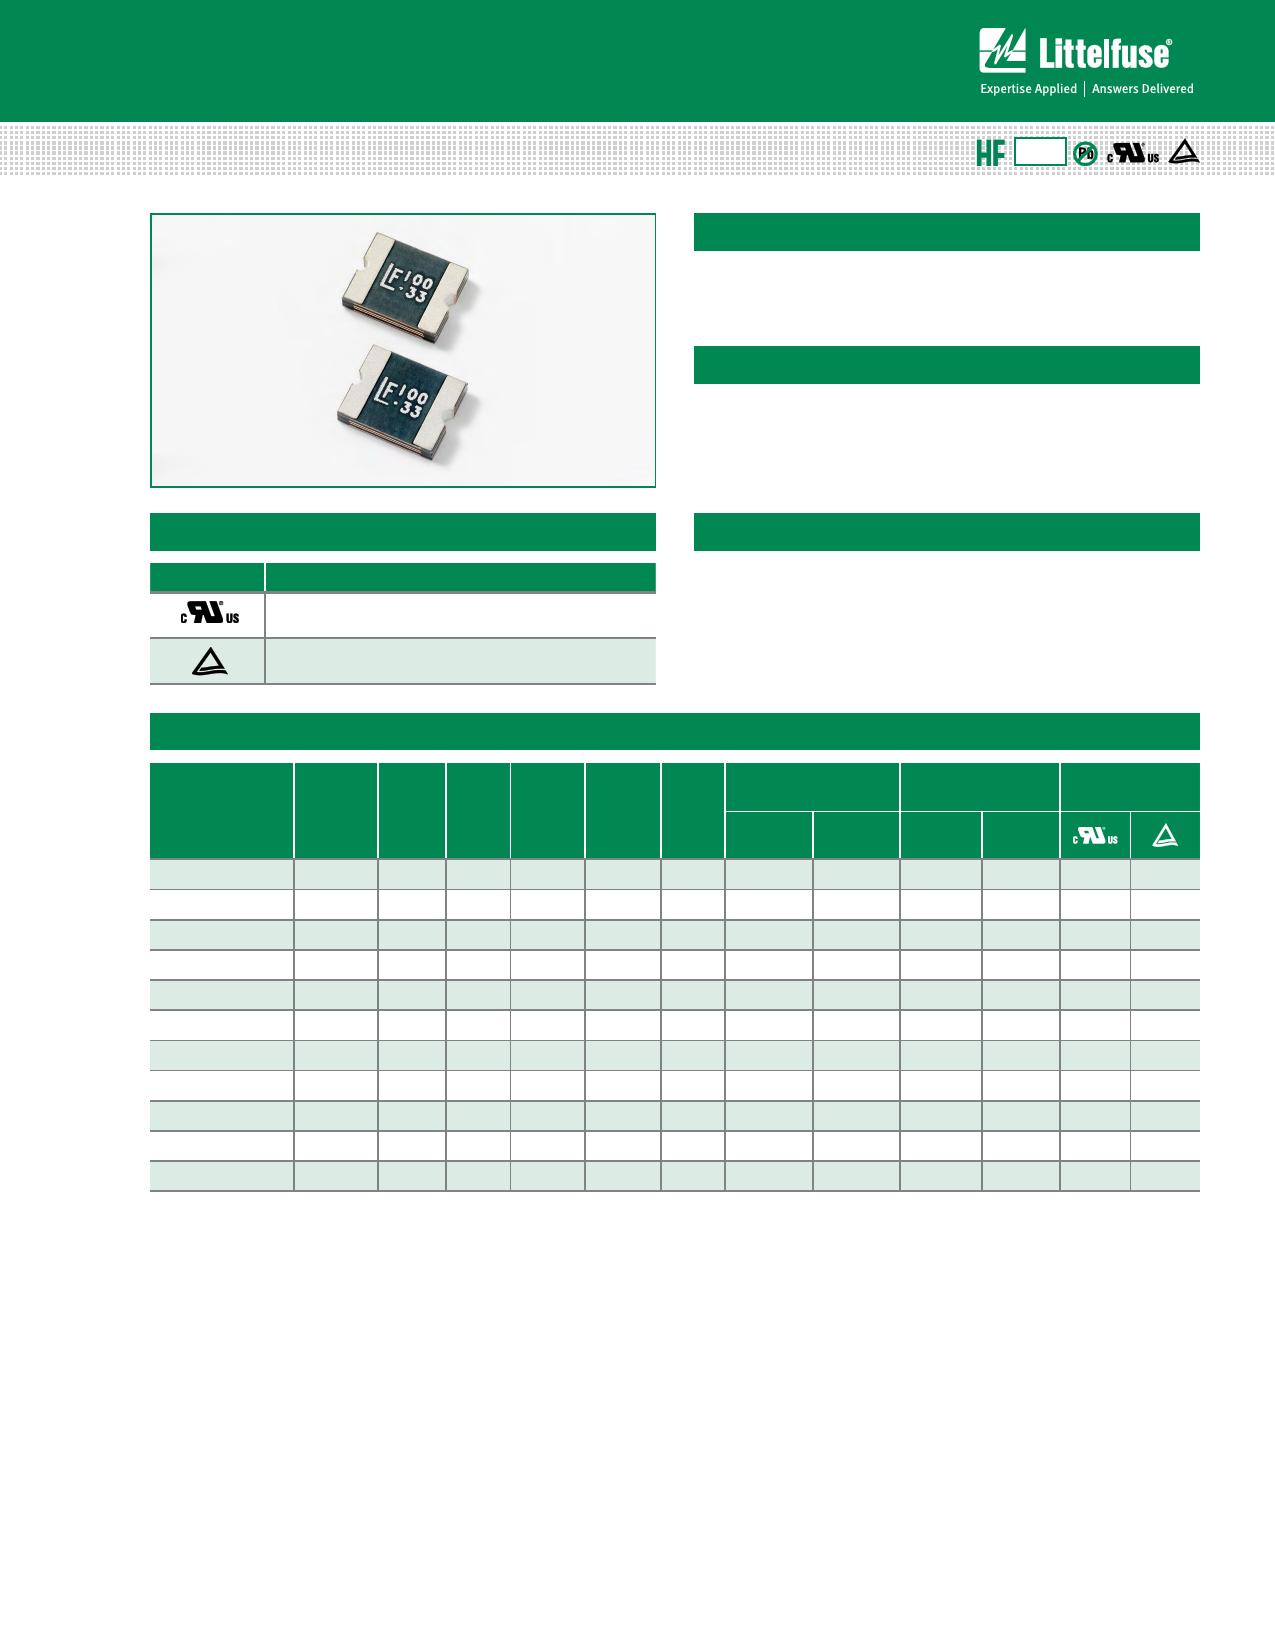 2016L075 datasheet